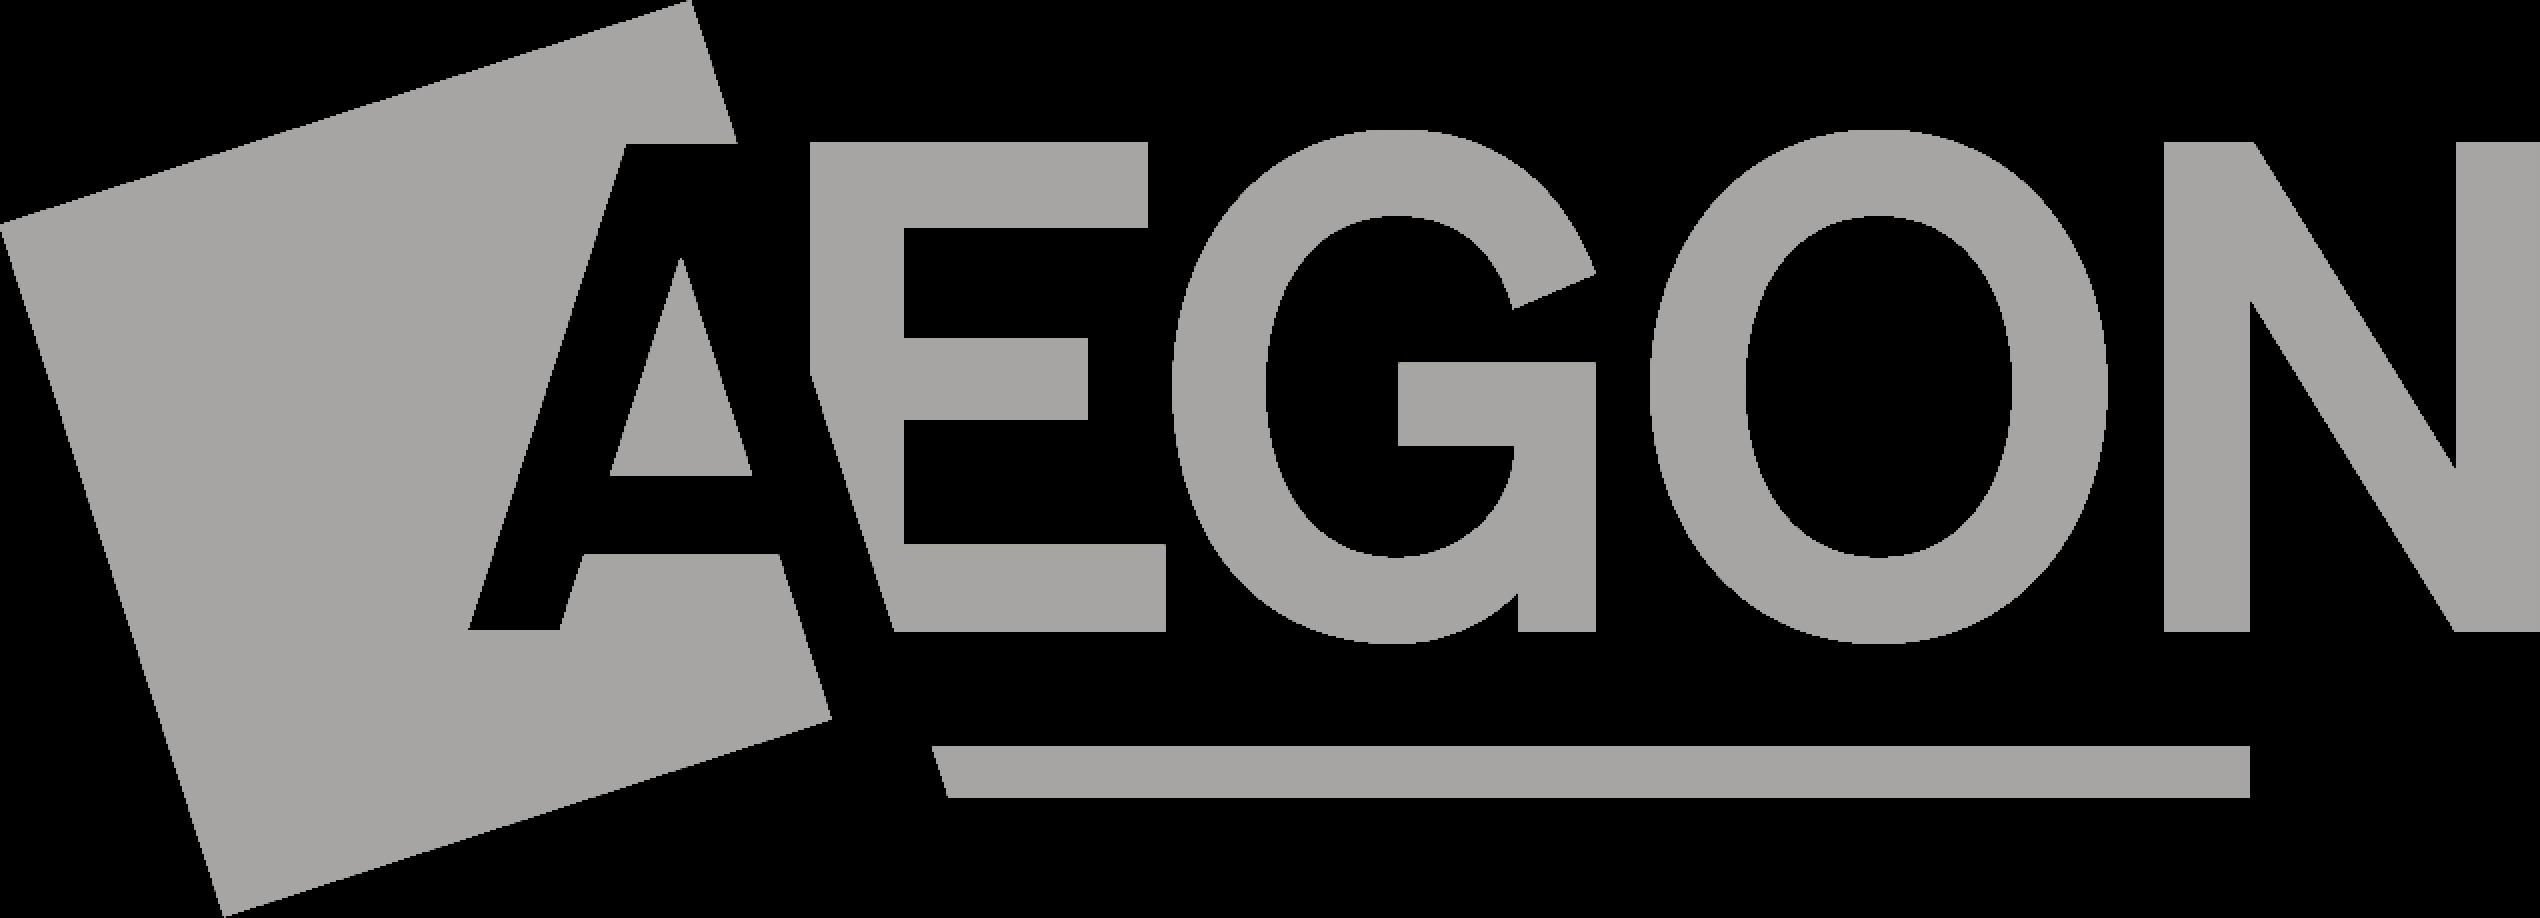 grey-AEGON_(logo).png